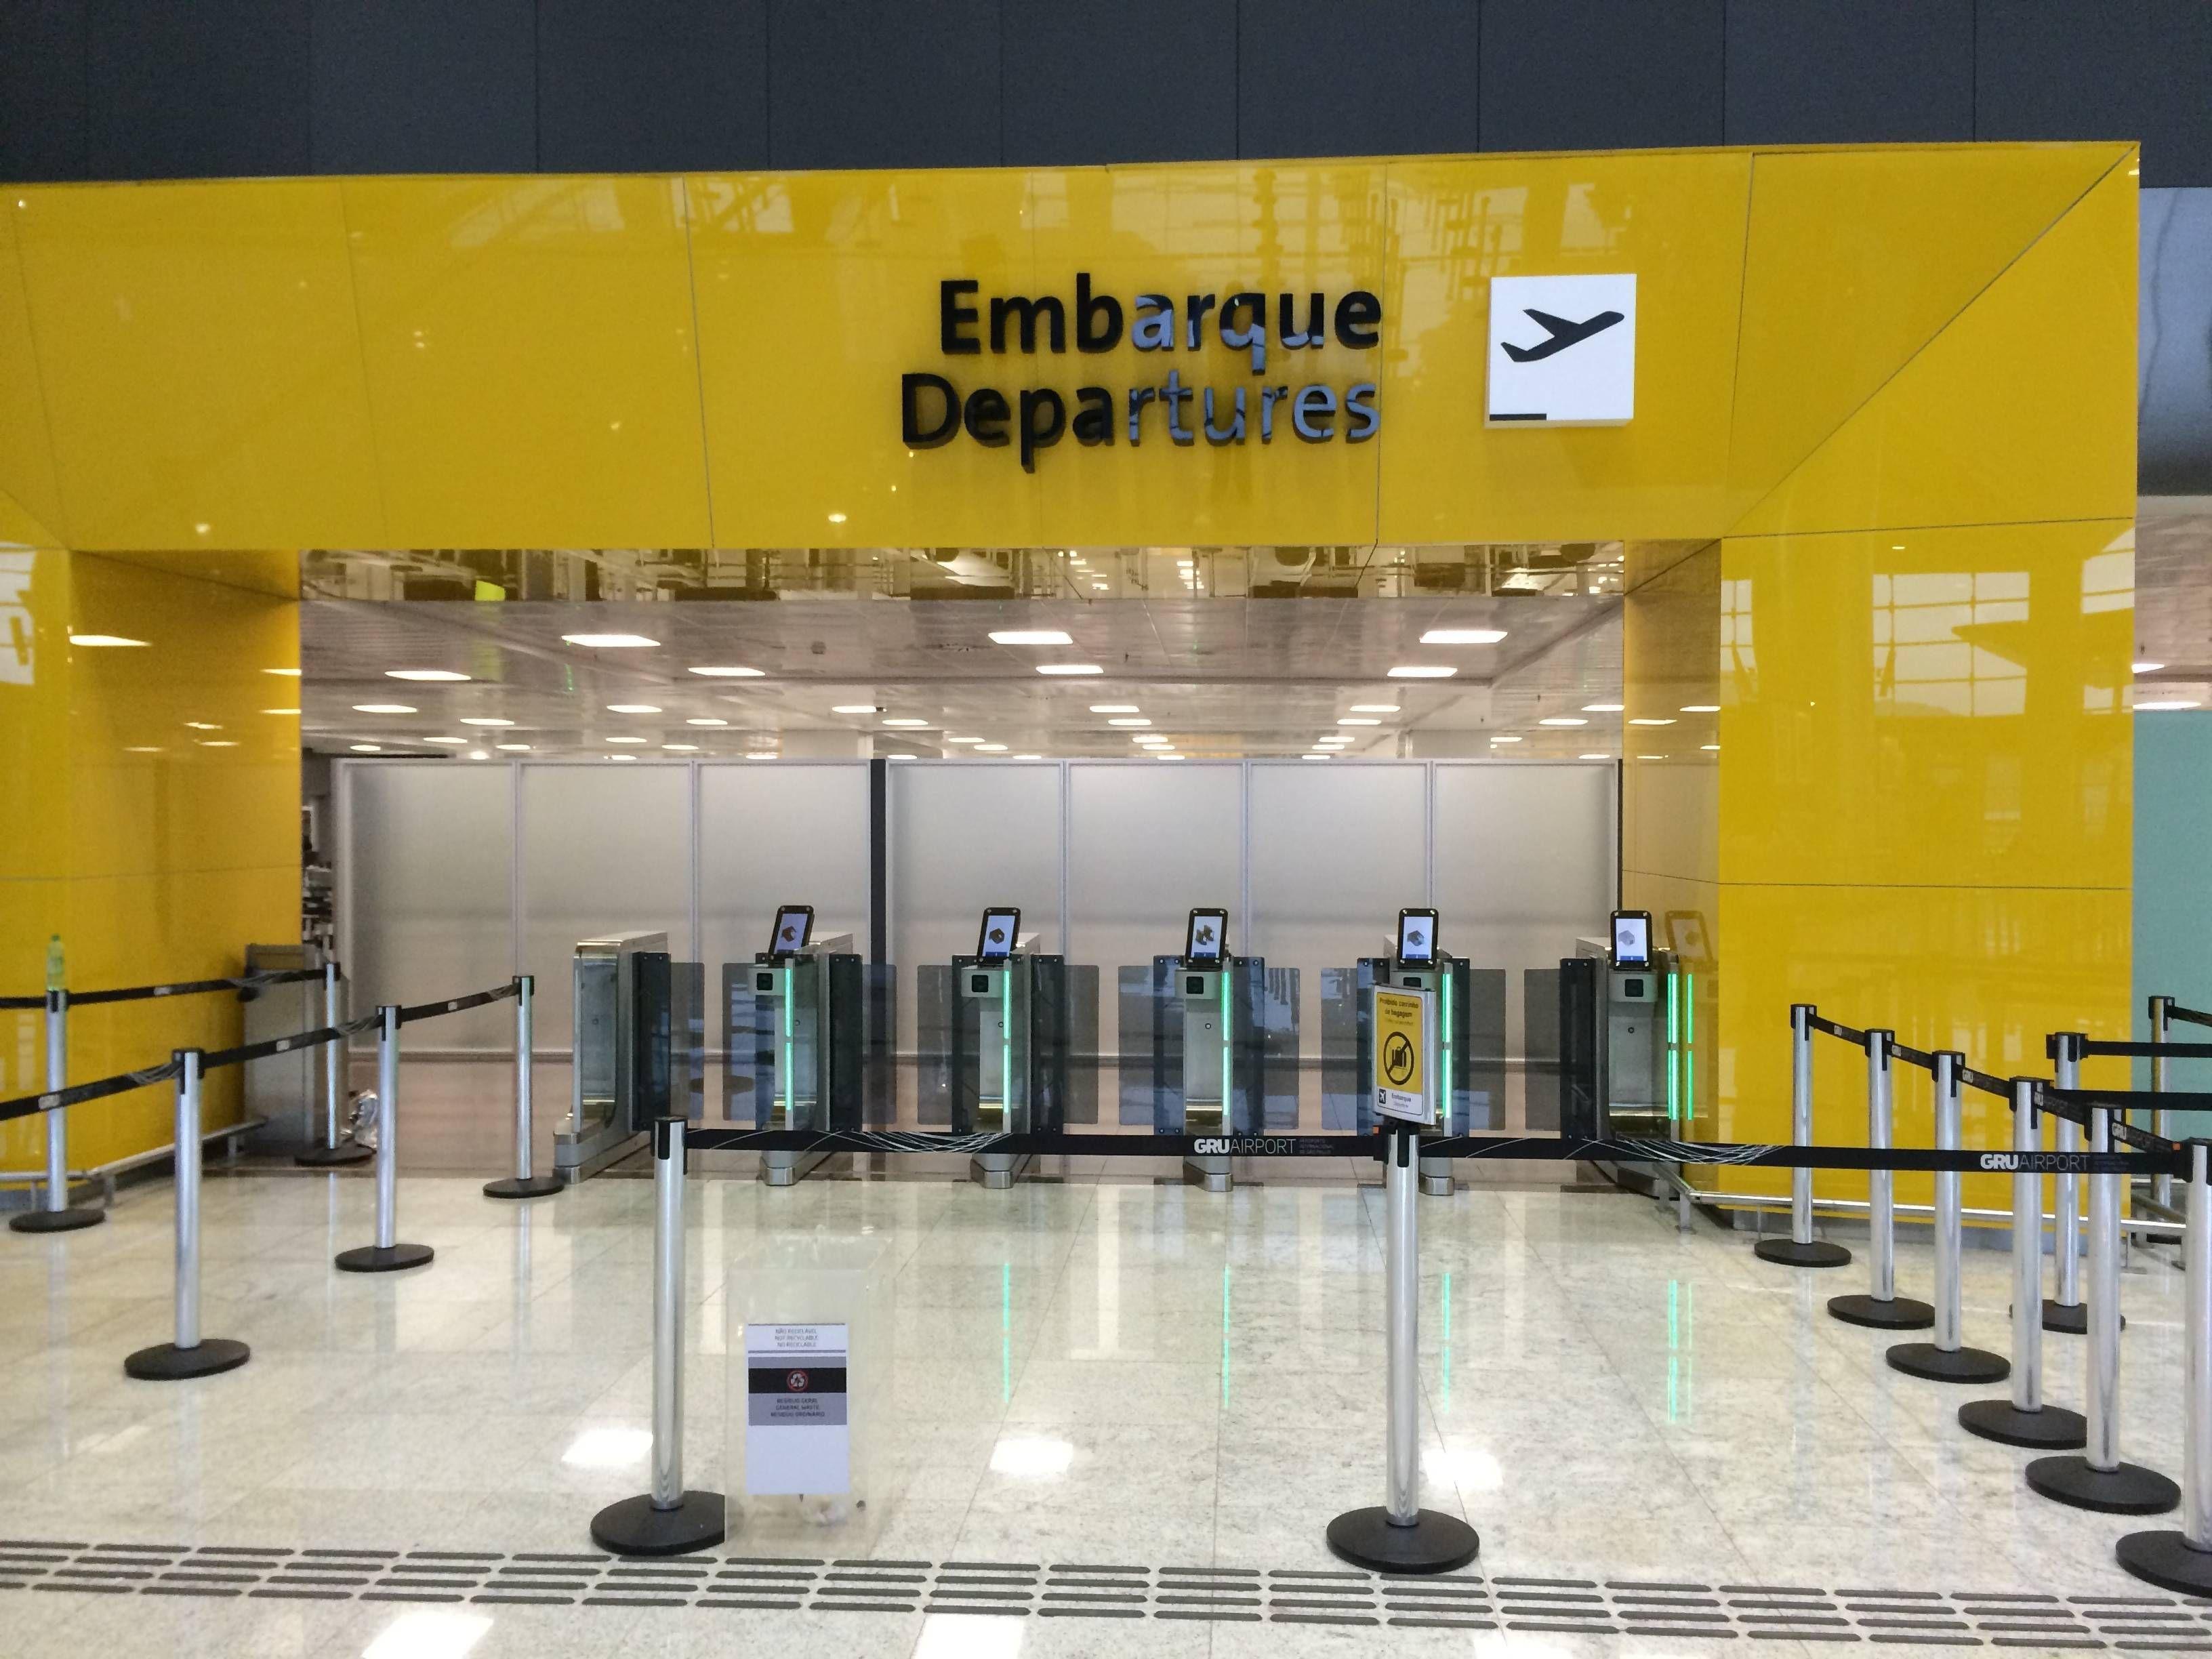 TAM muda para o terminal 3 de Guarulhos semana que vem e fecha salas vips